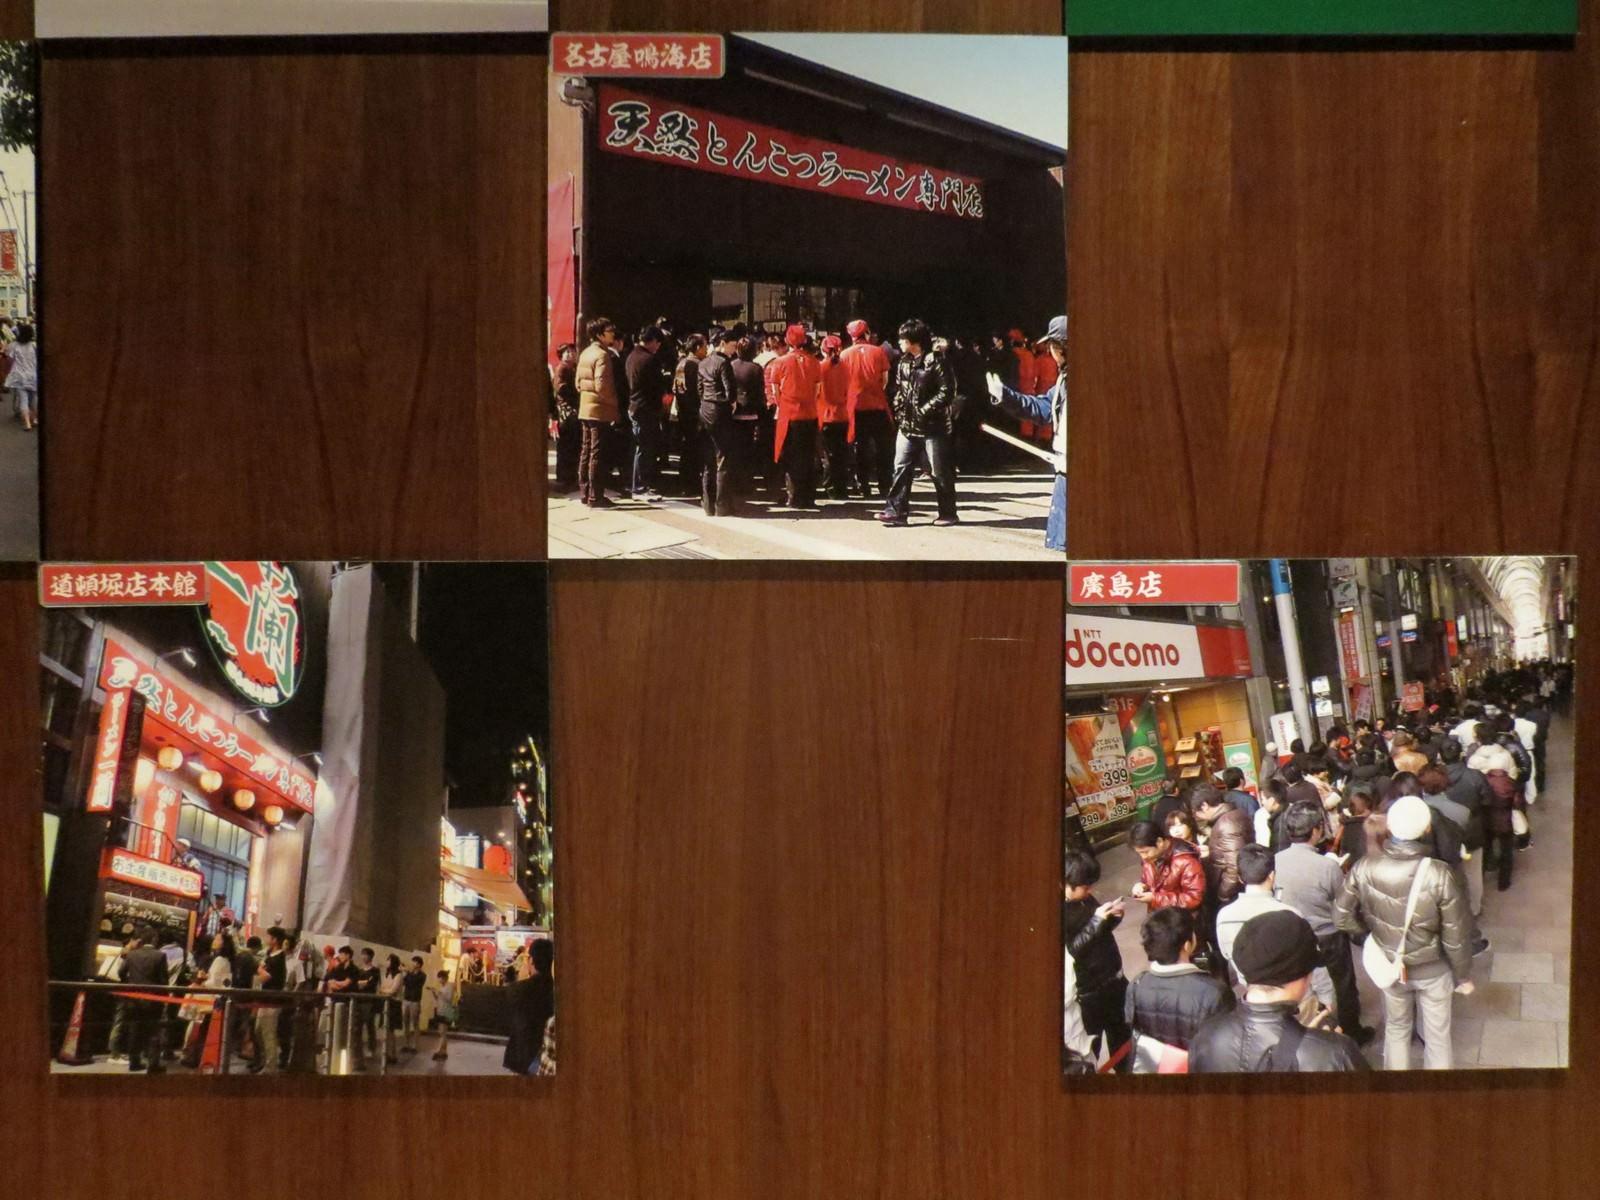 天然豚骨拉麵專門店一蘭@台灣台北本店, 宣傳照片